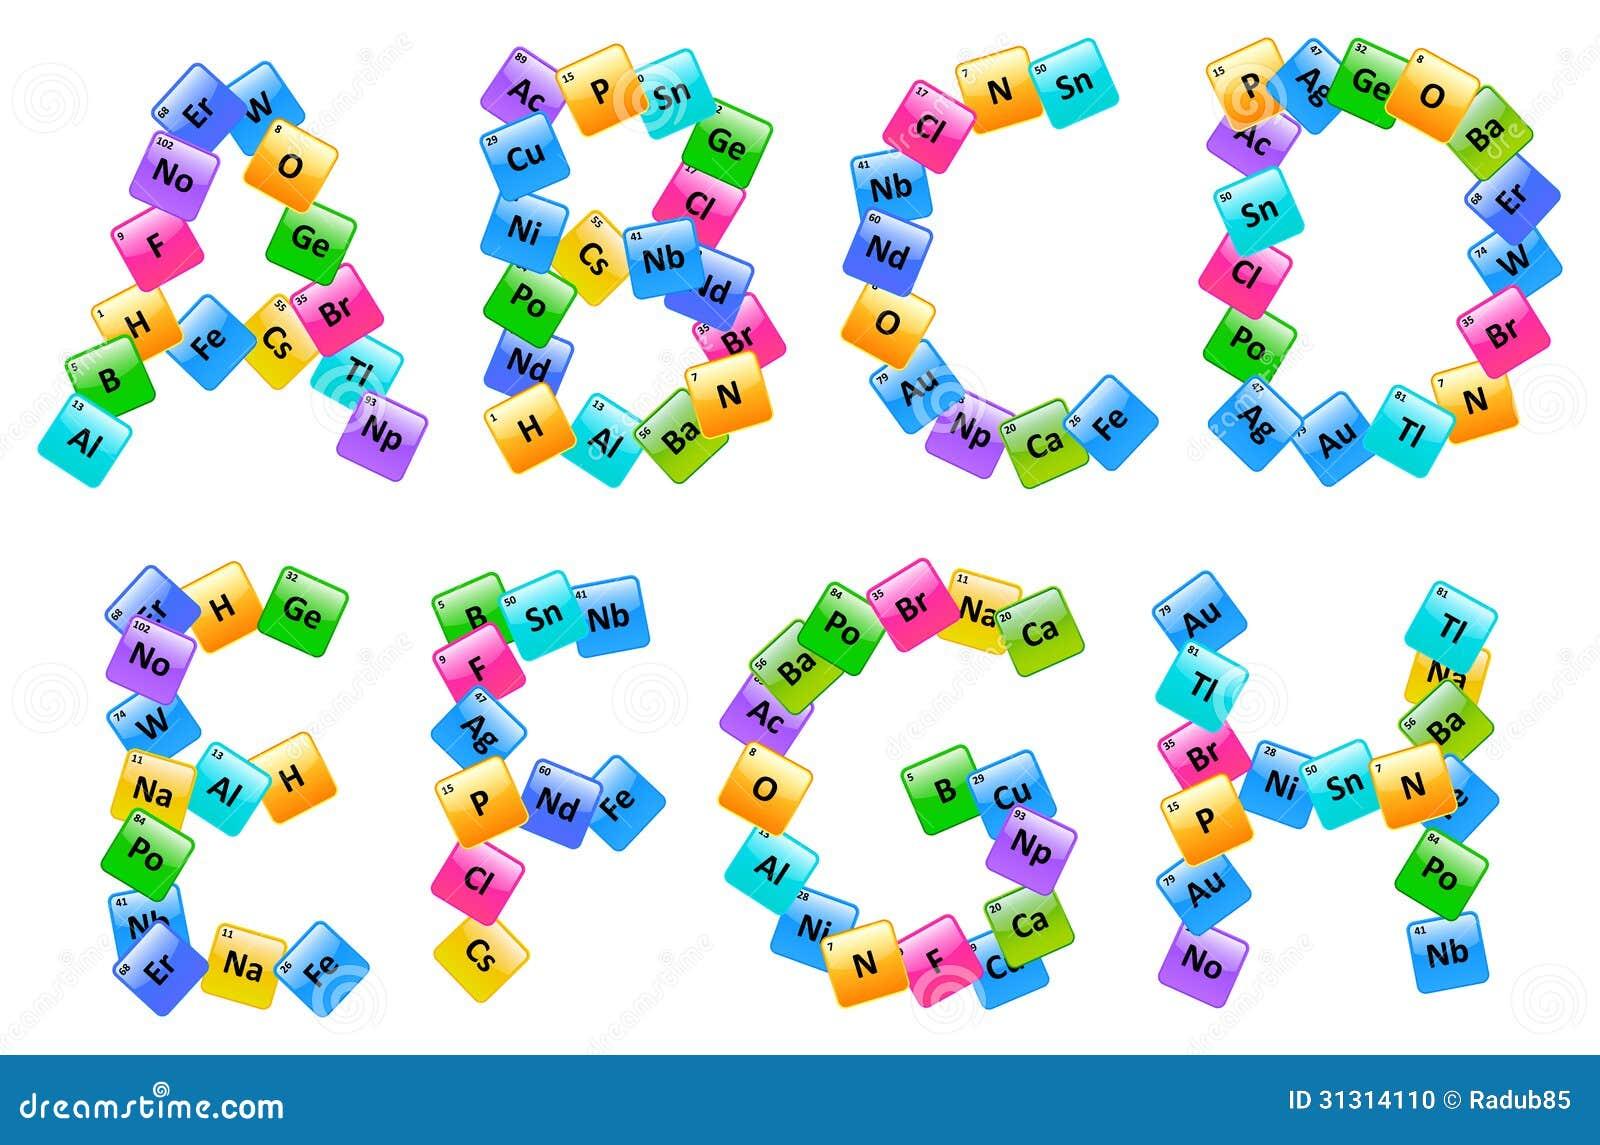 Tabla peridica de letras del alfabeto de los elementos ilustracin tabla peridica de letras del alfabeto de los elementos foto de archivo urtaz Choice Image